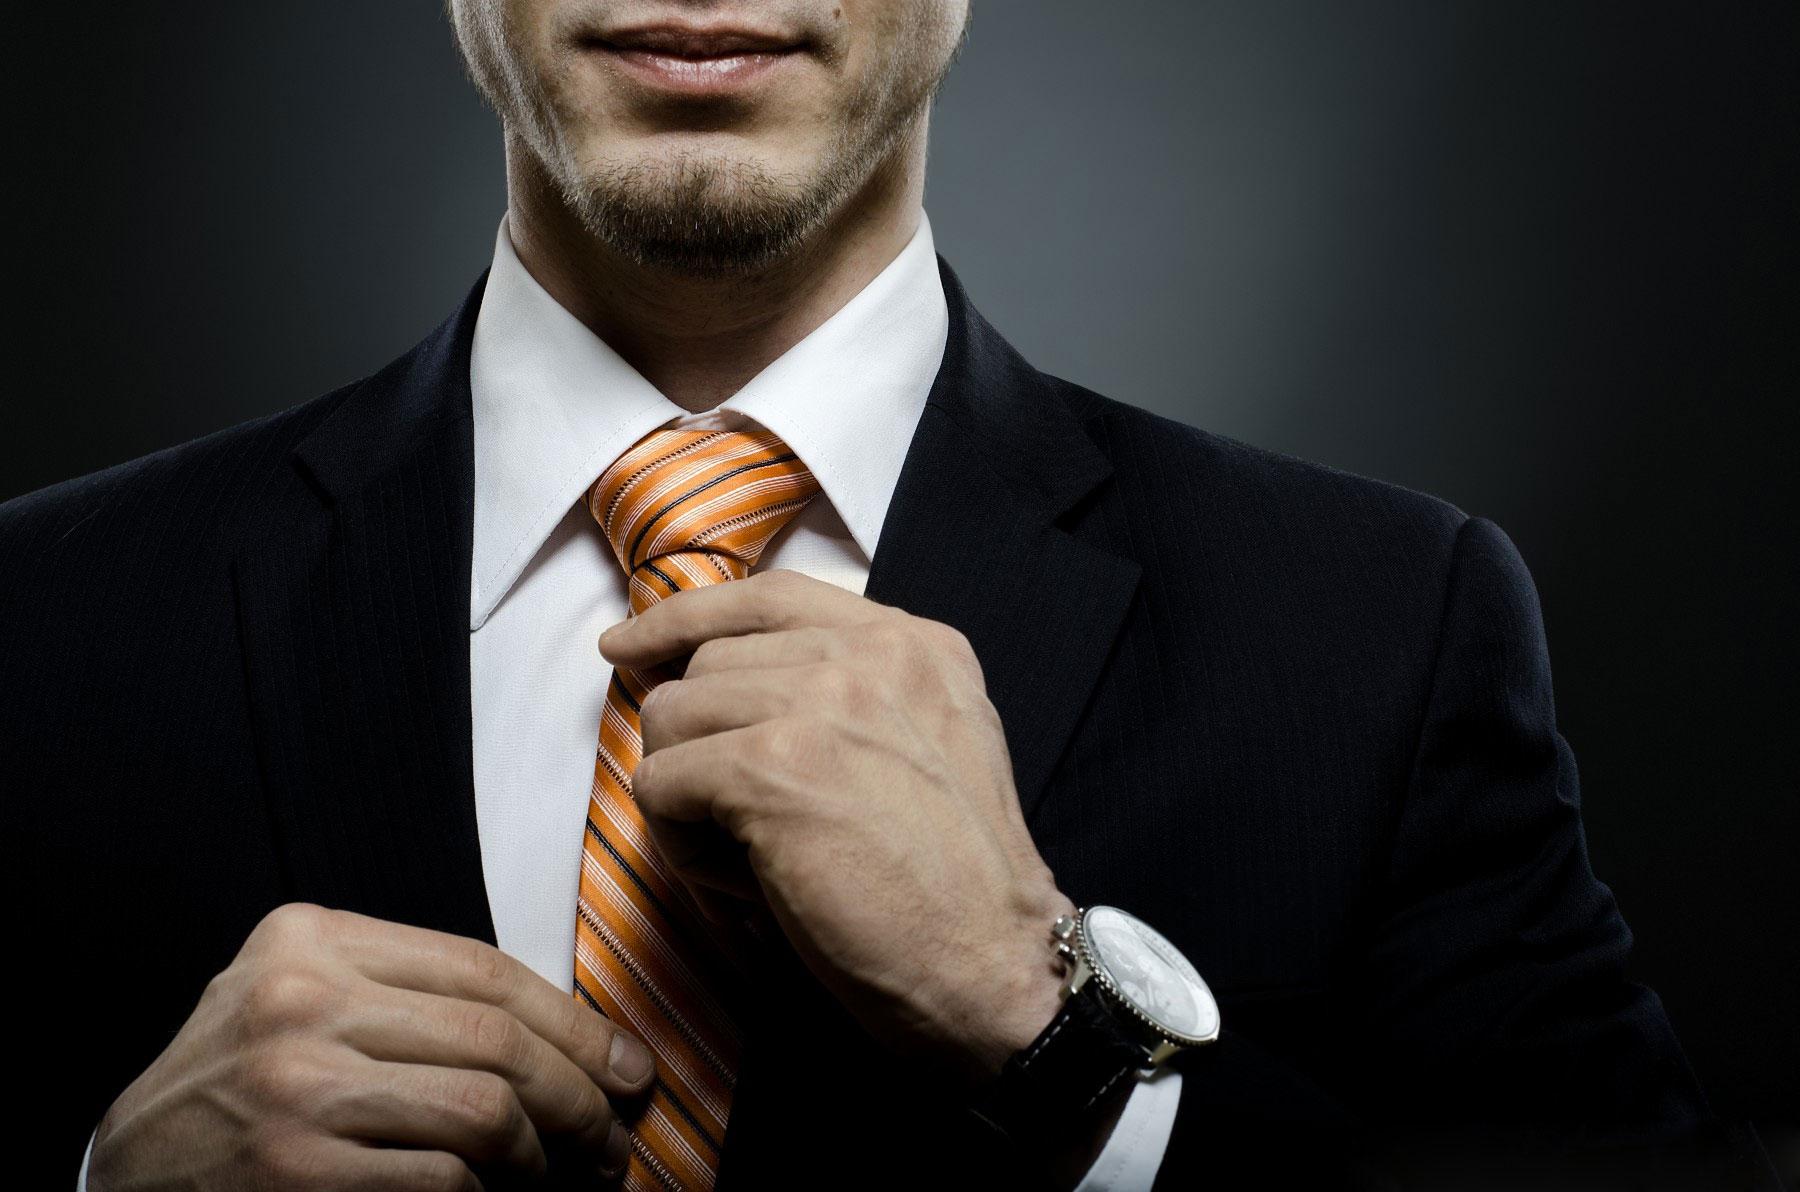 Beautiful-businessman-in-black-costume-tie-ones-necktie